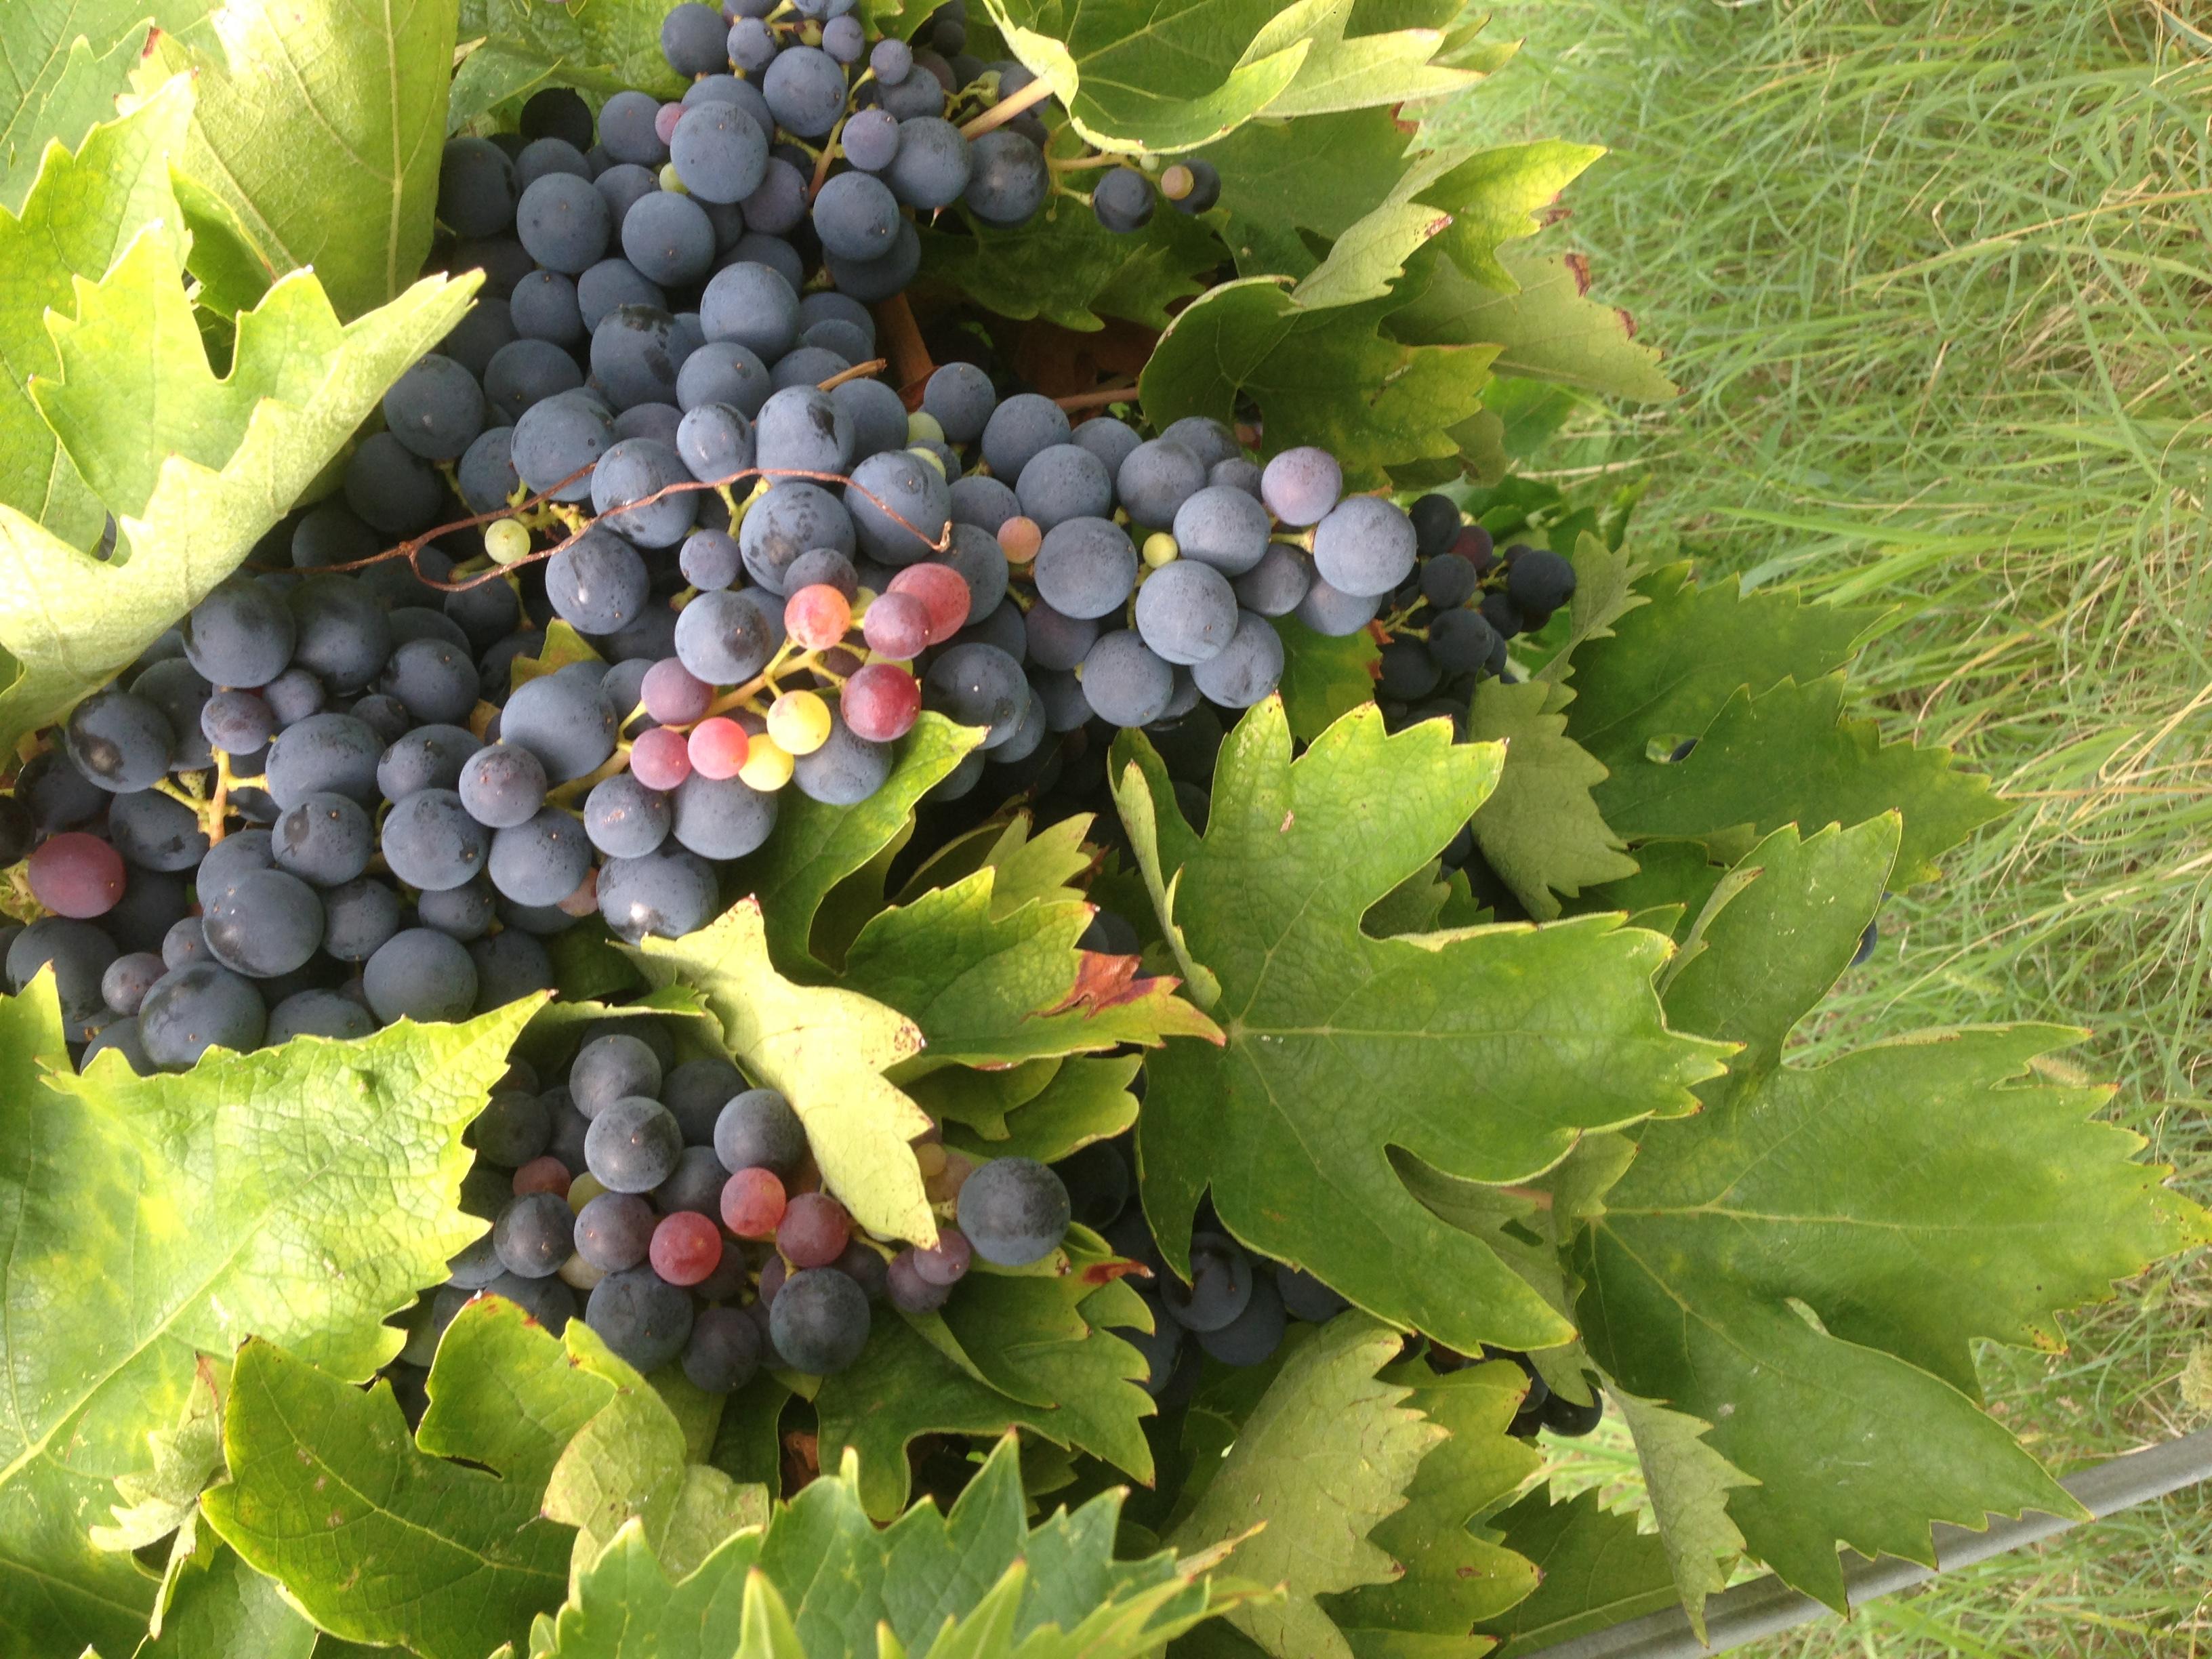 ענבי יין באיטליה ביום בציר